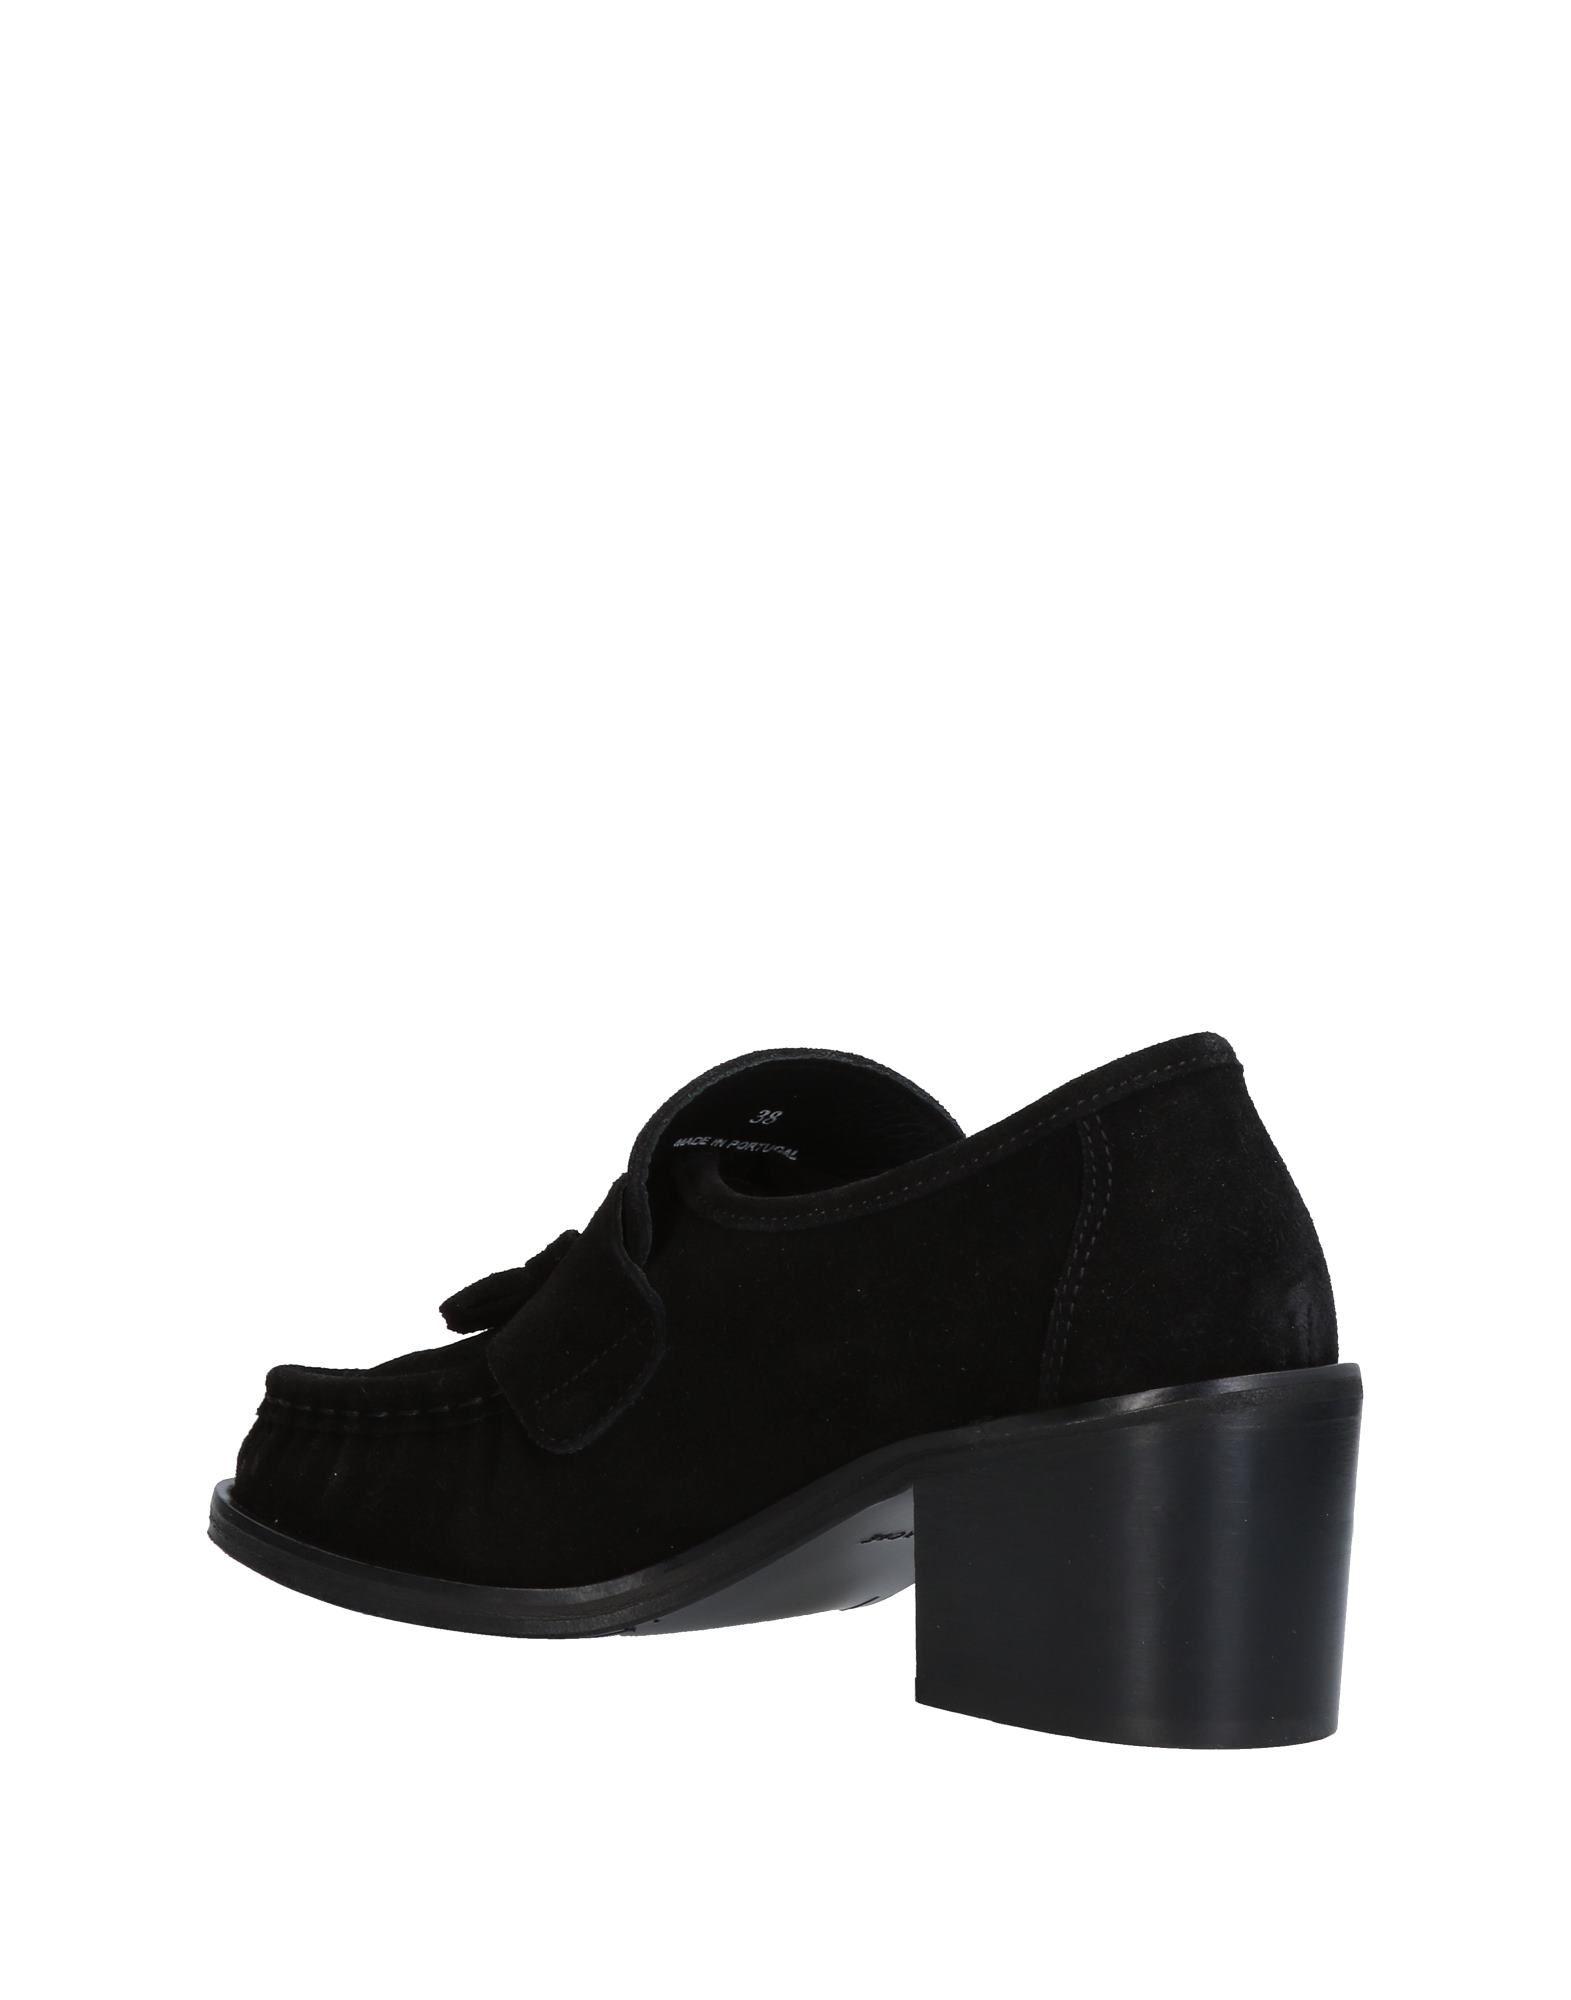 Morobē Damen Mokassins Damen Morobē  11450369BW Gute Qualität beliebte Schuhe 25d048